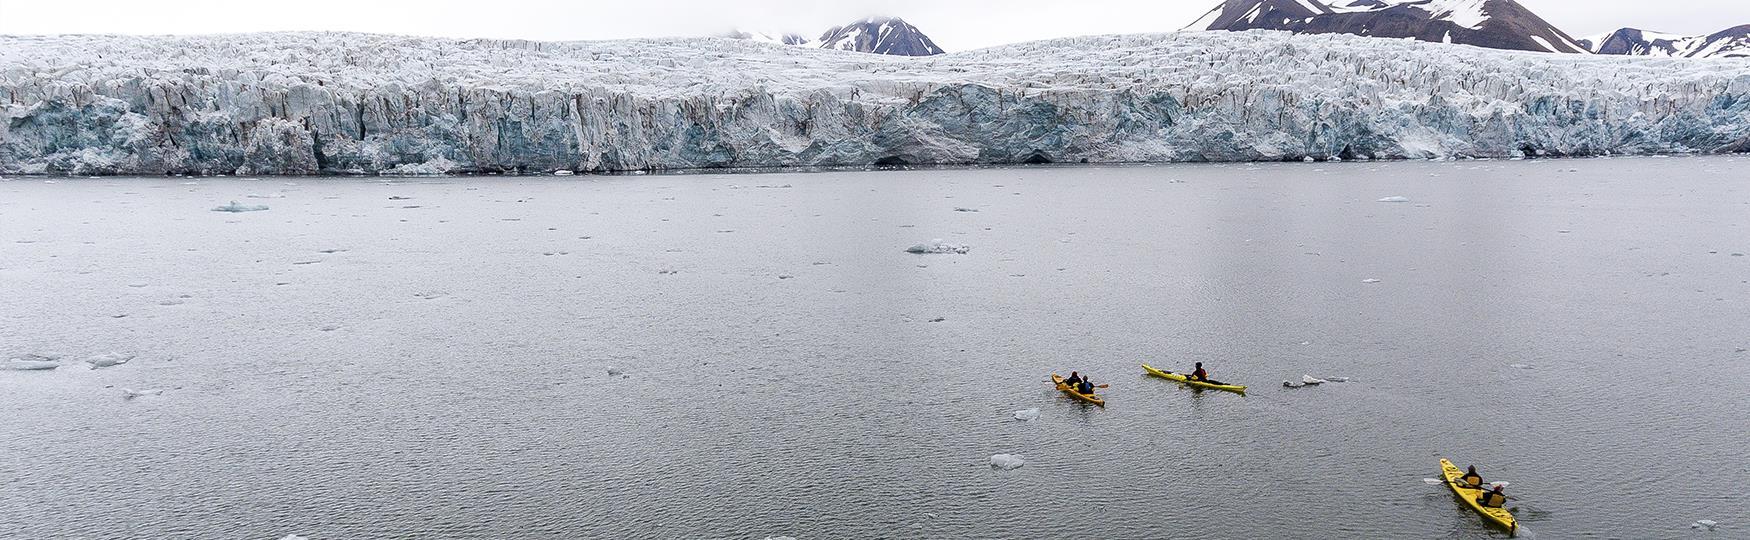 Kajakkeventyr på Svalbard